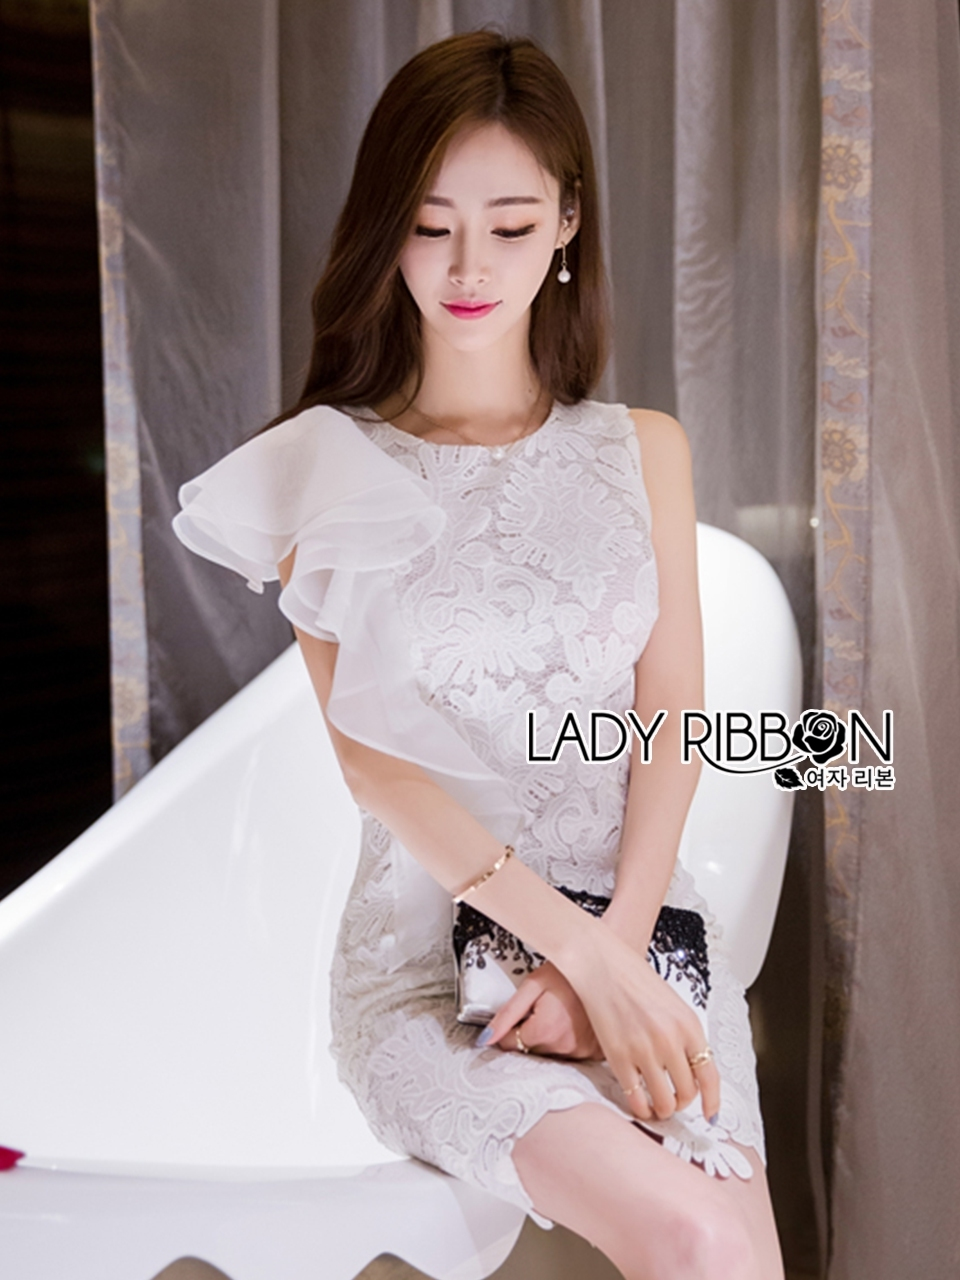 ชุดเดรสเกาหลี พร้อมส่งเดรสแขนกุดผ้าลูกไม้สีขาวตกแต่งระบายด้านข้าง